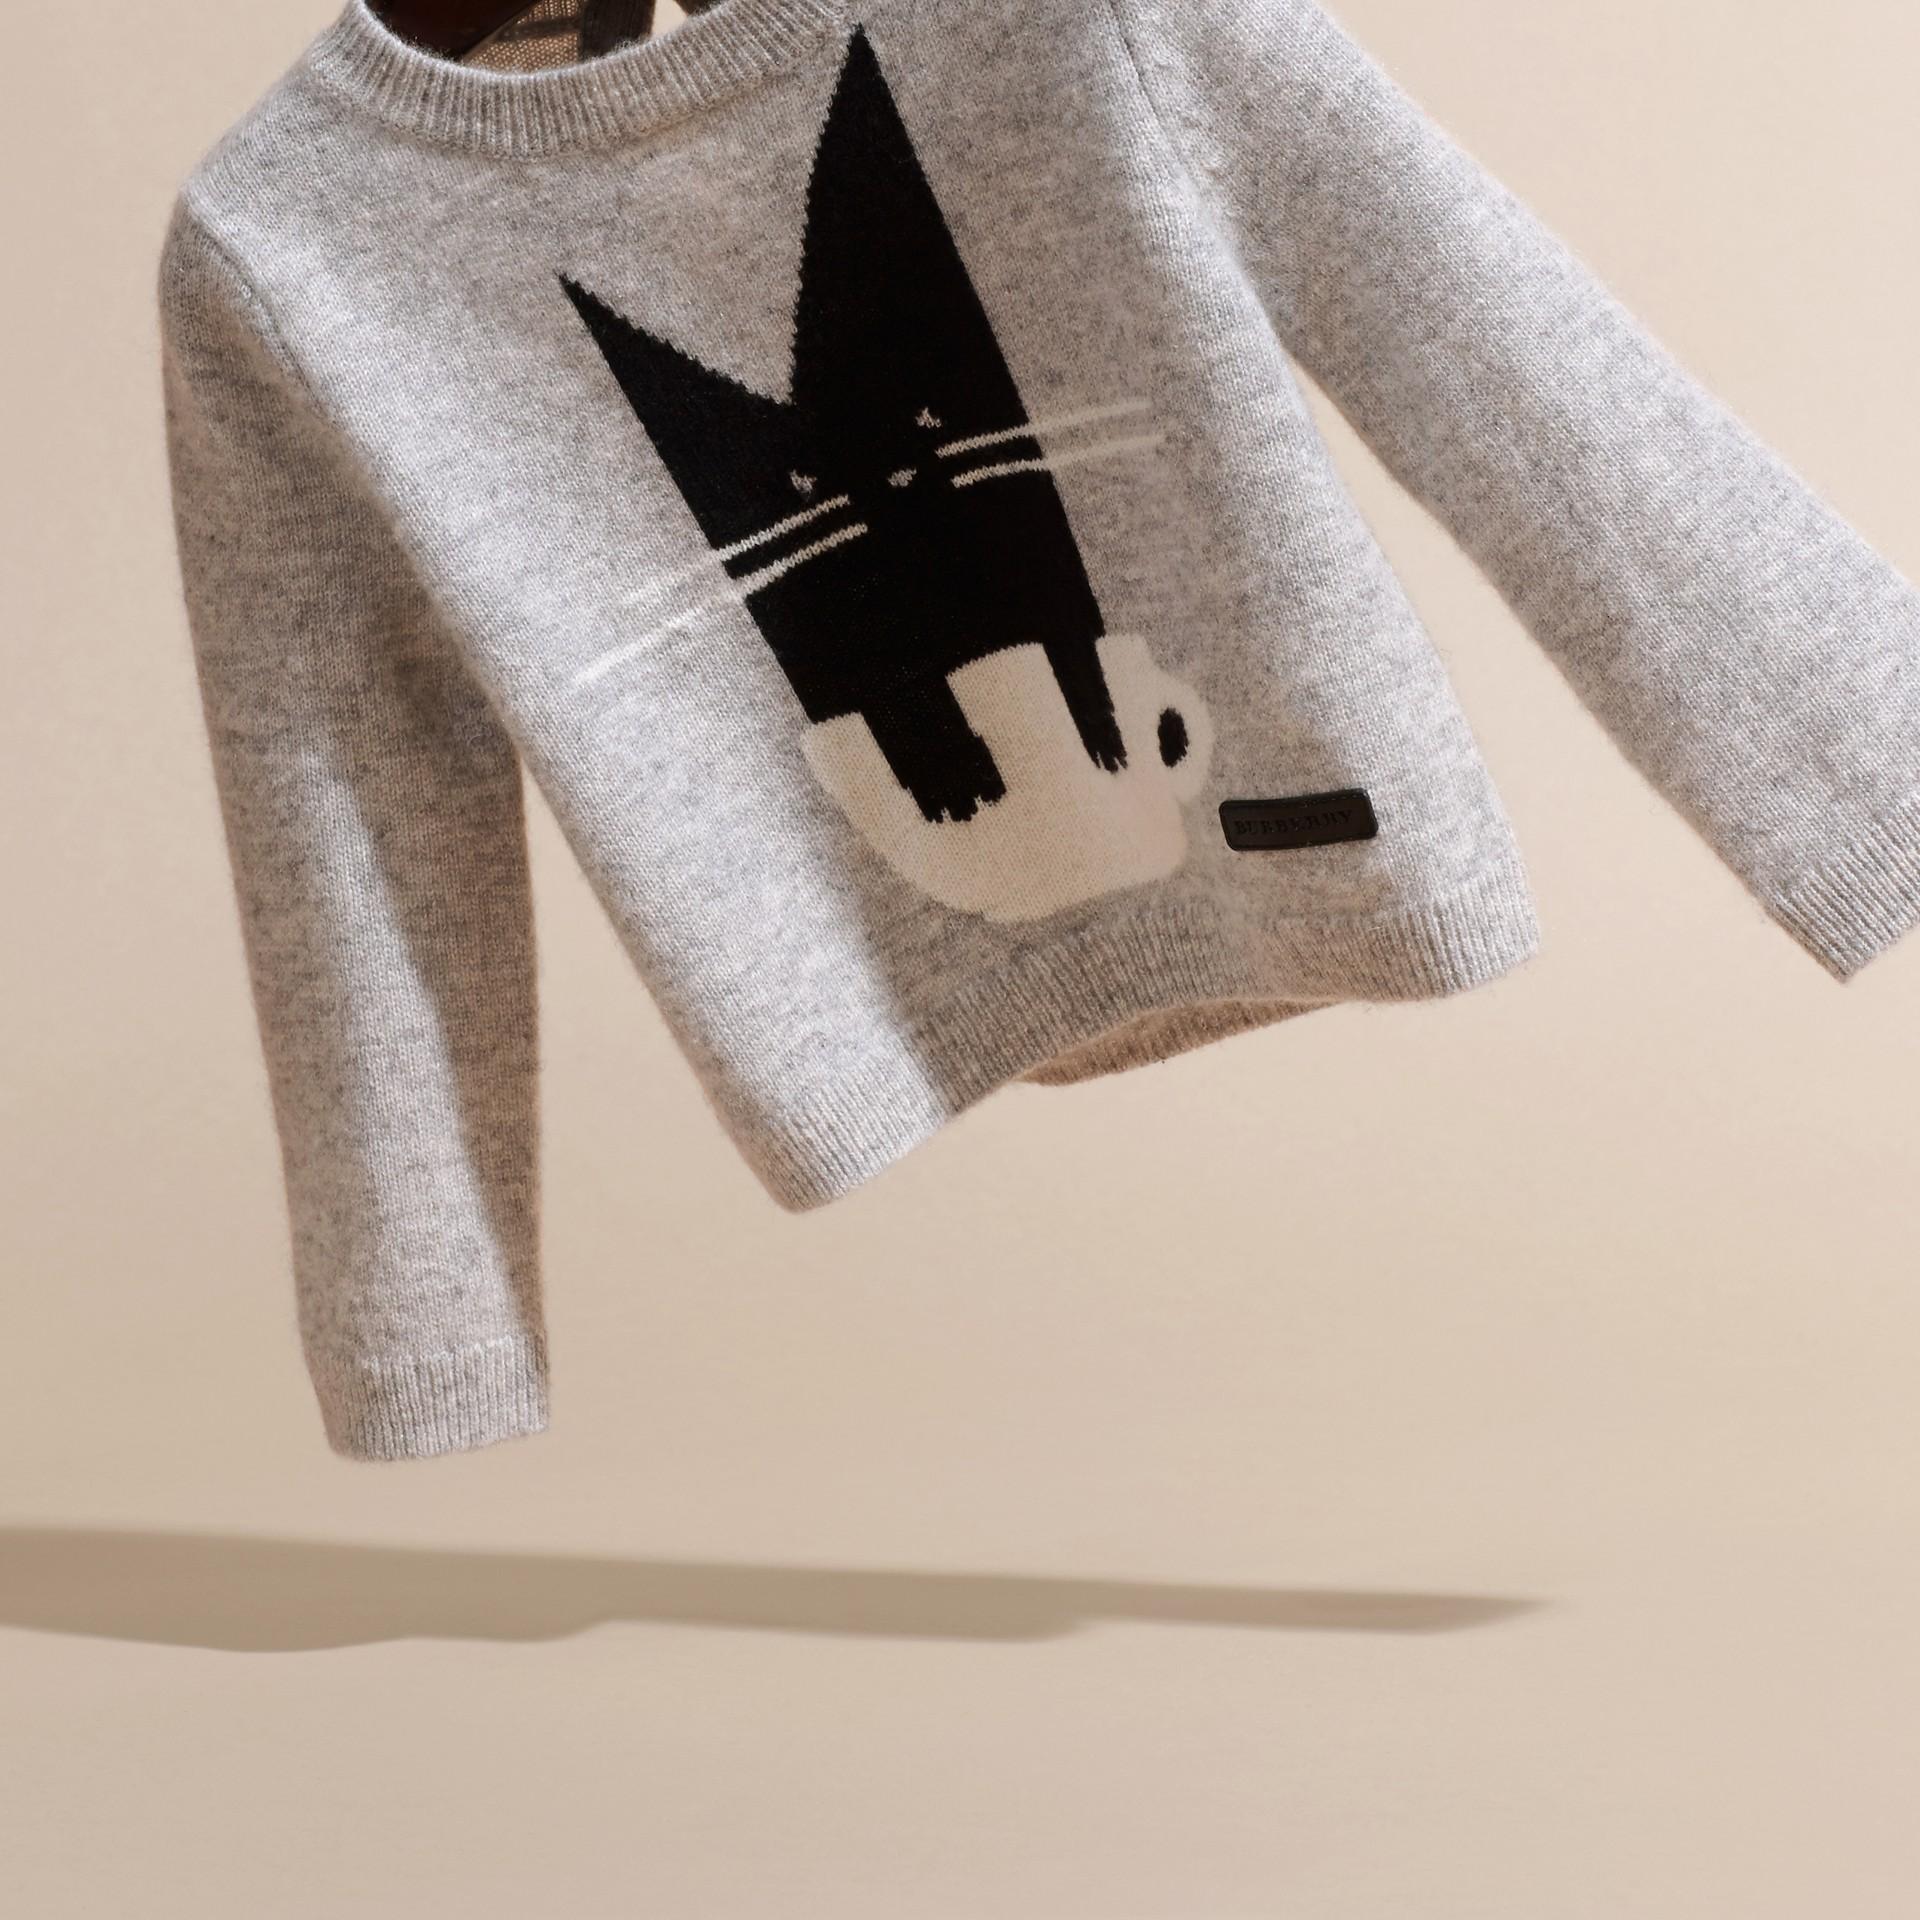 Grigio chiaro mélange Pullover in cashmere con gatto a intarsio - immagine della galleria 3